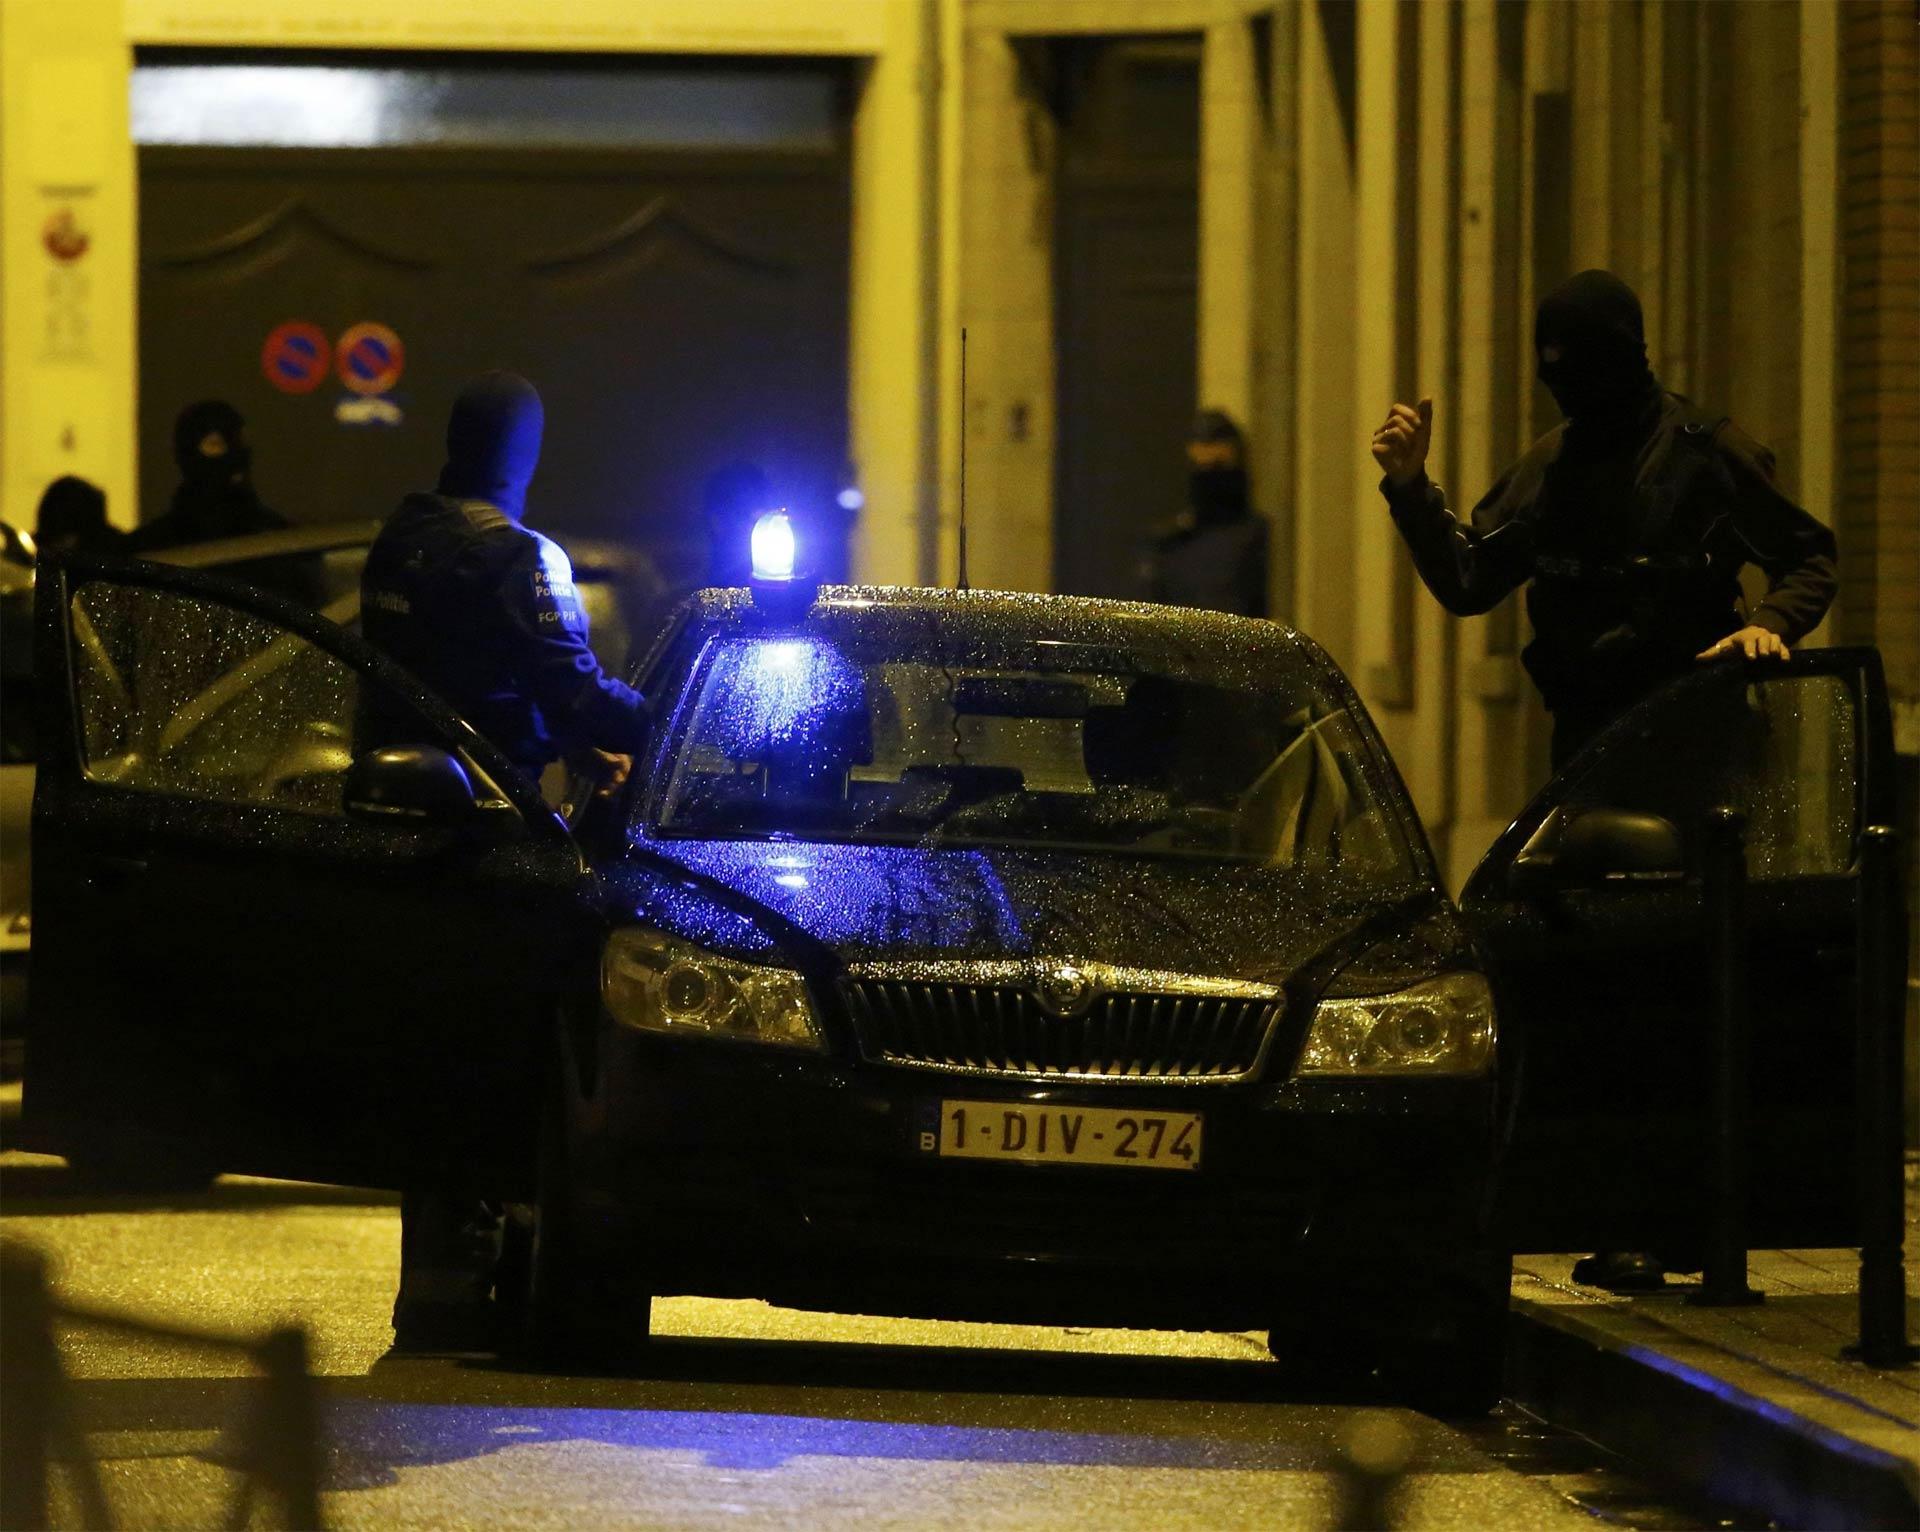 La policía registró viviendas de familiares de Bilal Hadfi, atacante suicida de París